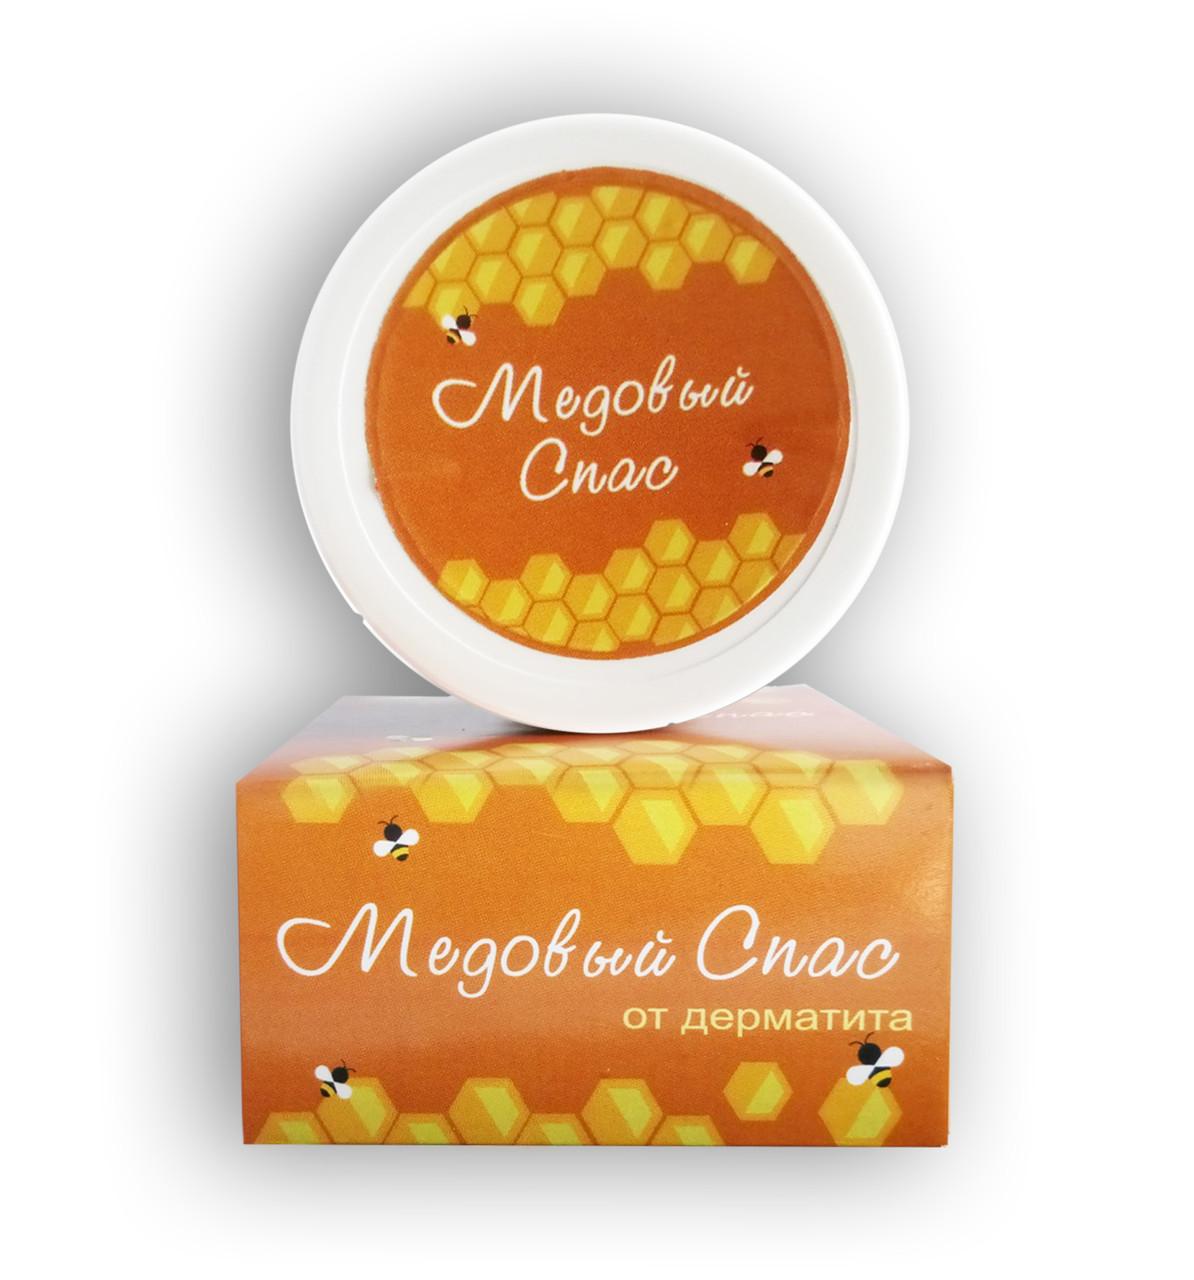 Медовый спас (Honey saved) от дерматита